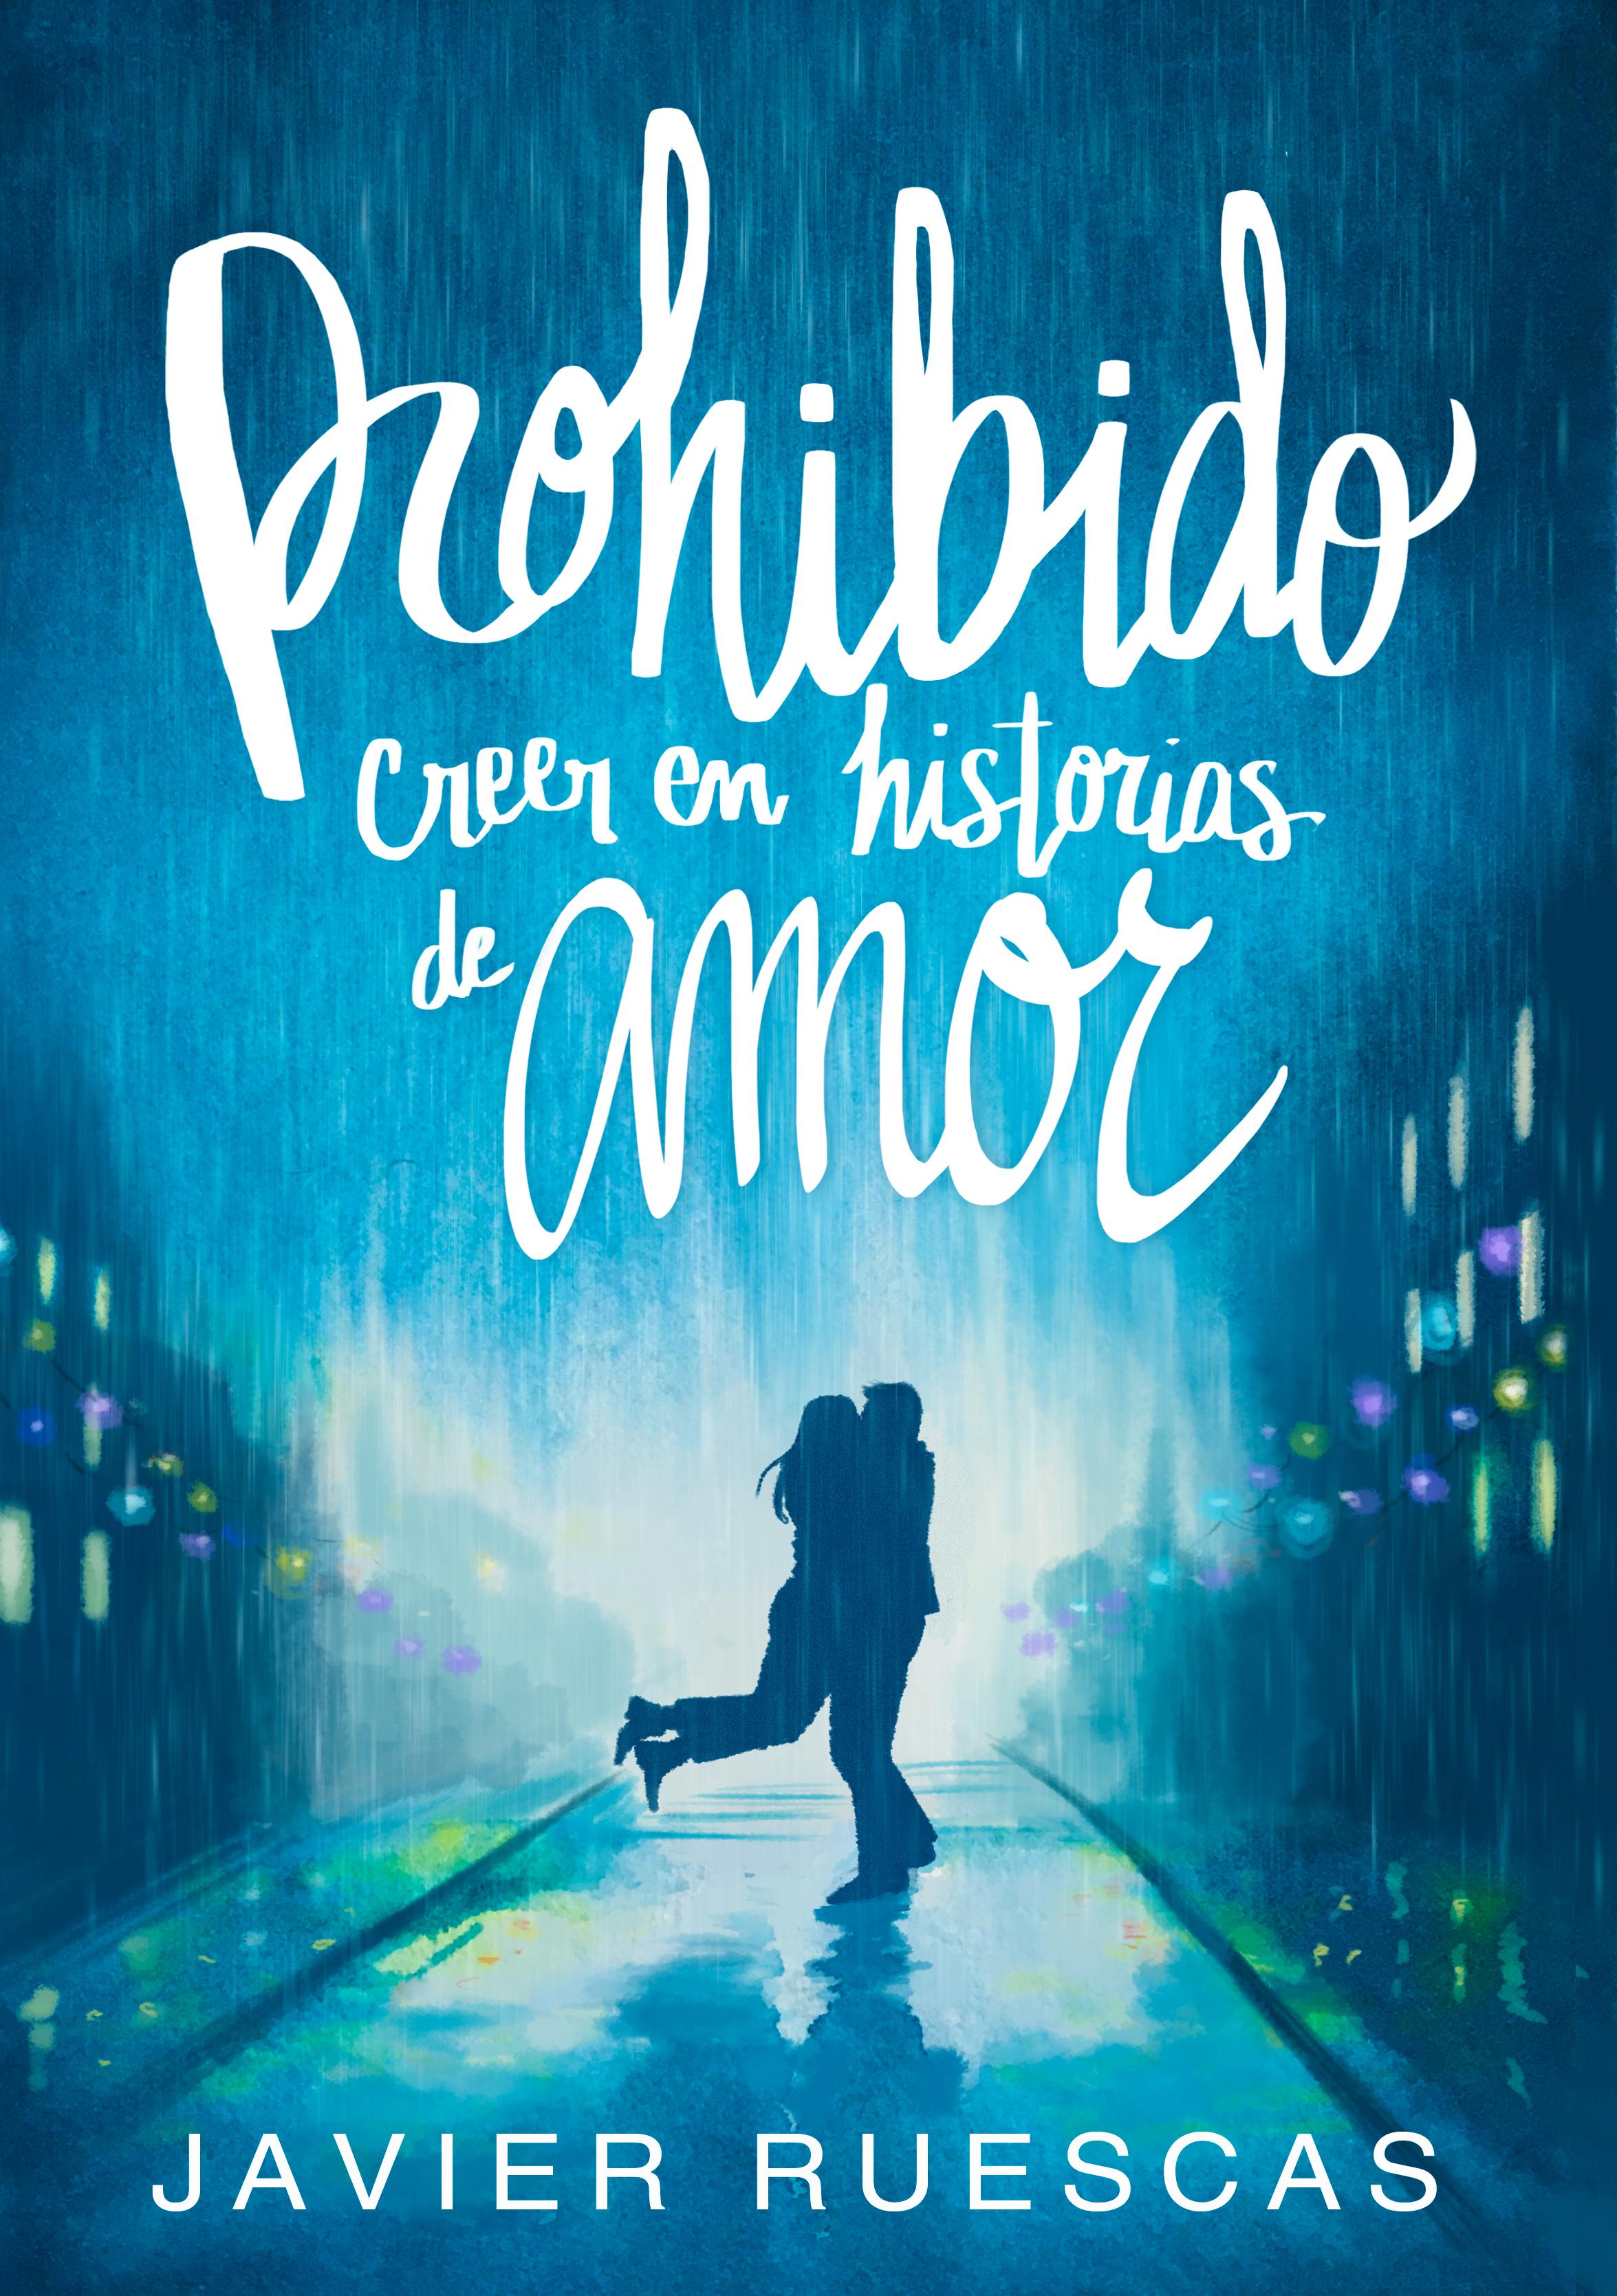 'Prohibido creer en historias de amor', la nueva novela de Javier Ruescas • En tu pantalla